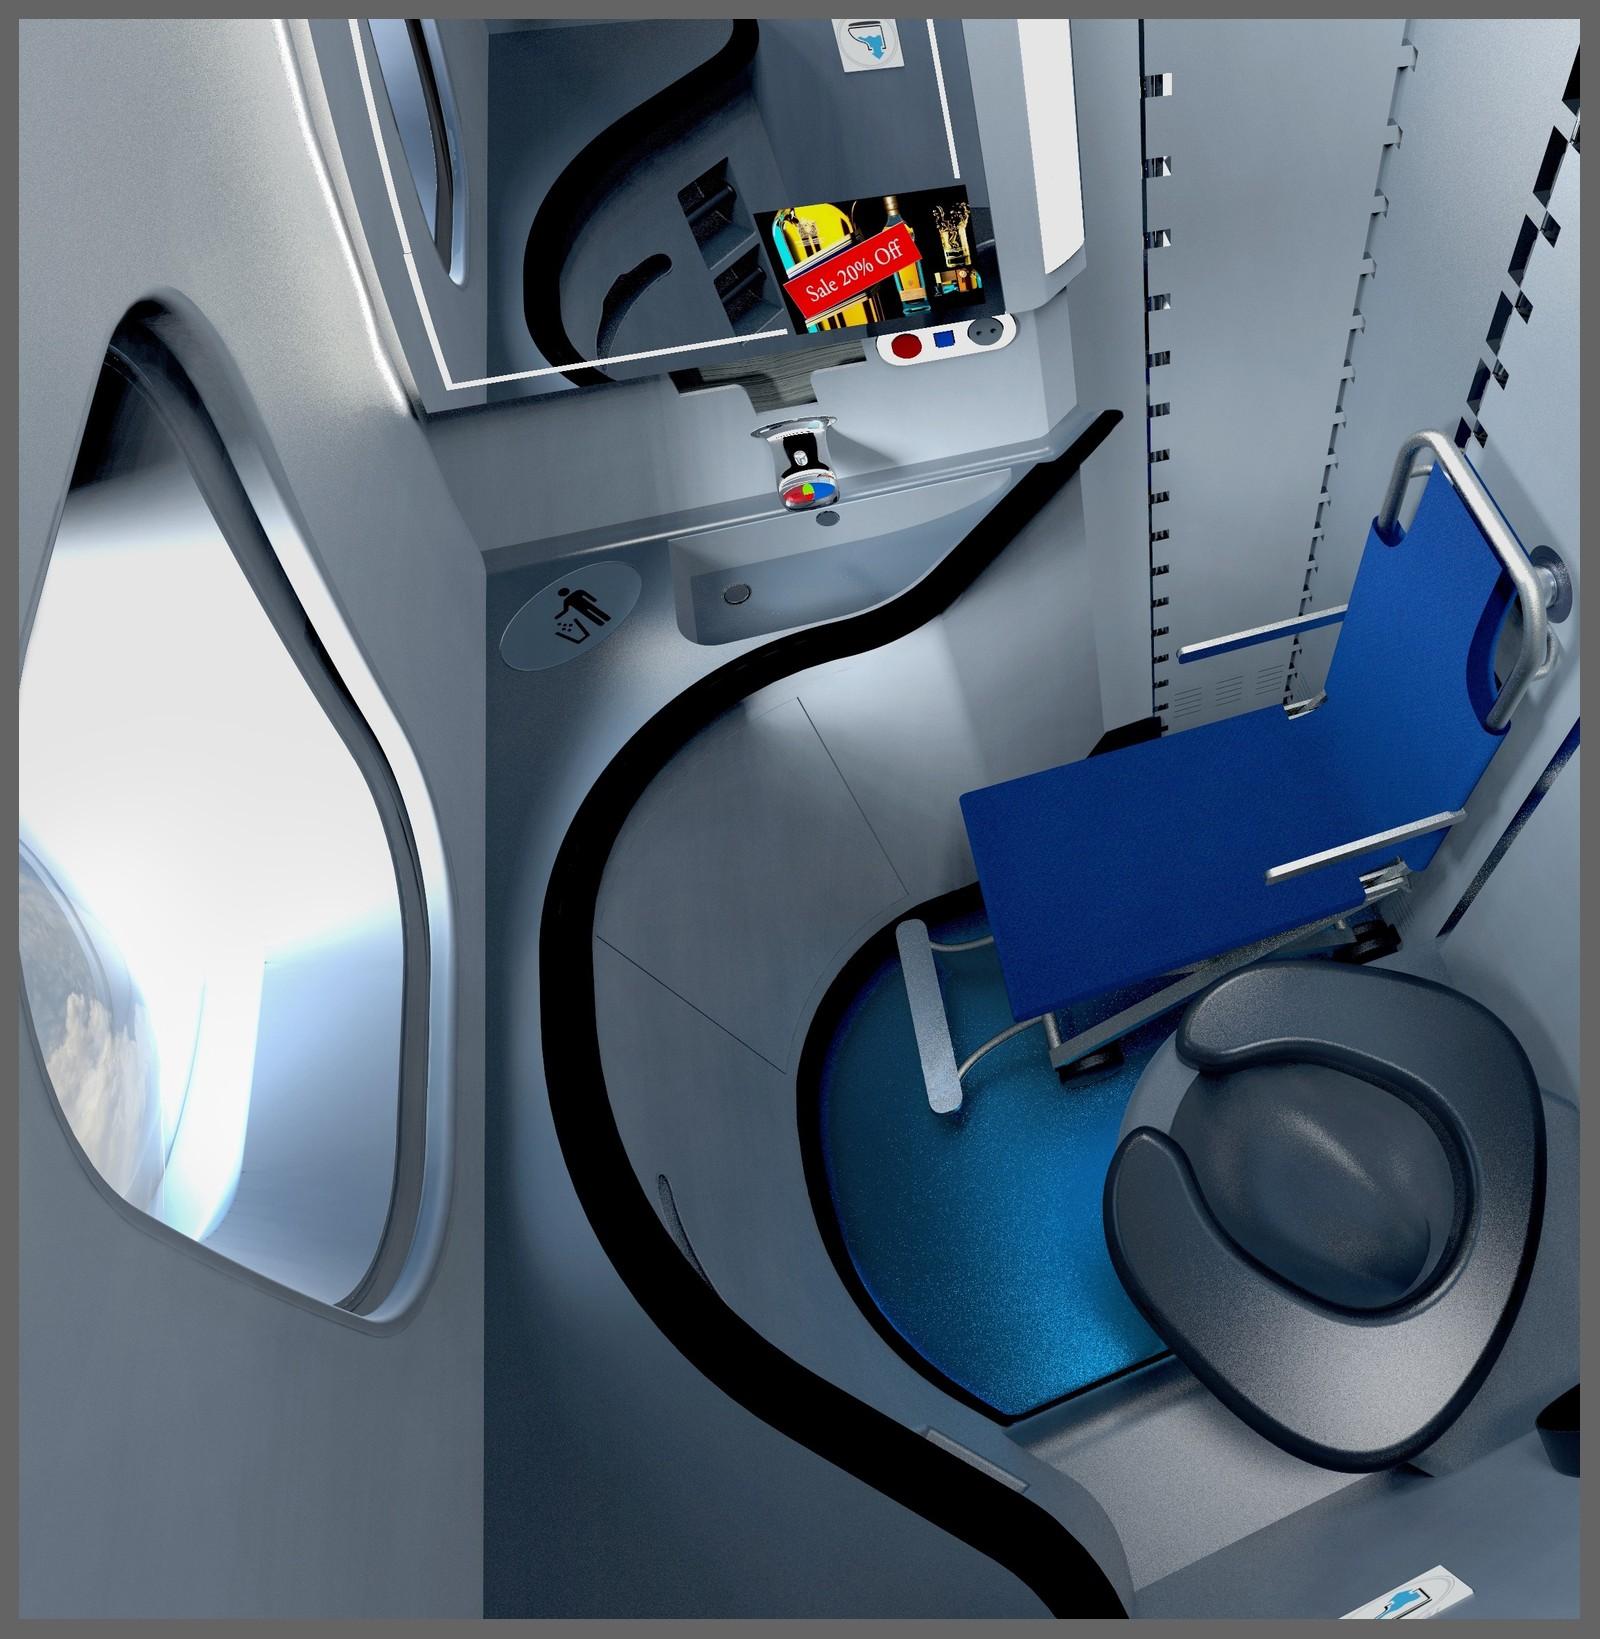 冲水马桶位于盥洗室的对角线位置